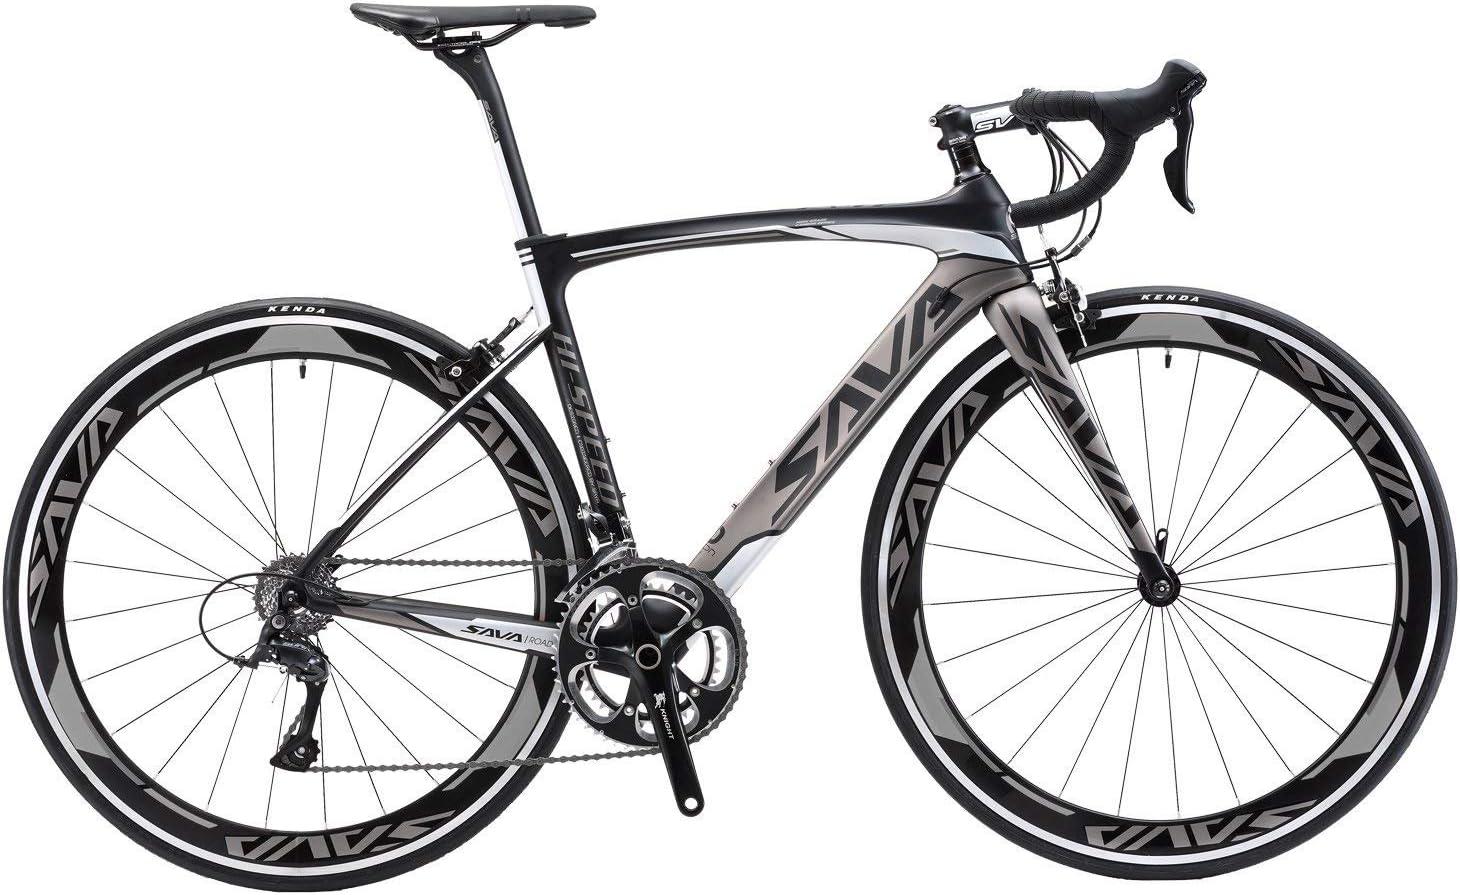 SAVADECK Warwinds3.0 700C Carbon Fiber Racing Bicycle